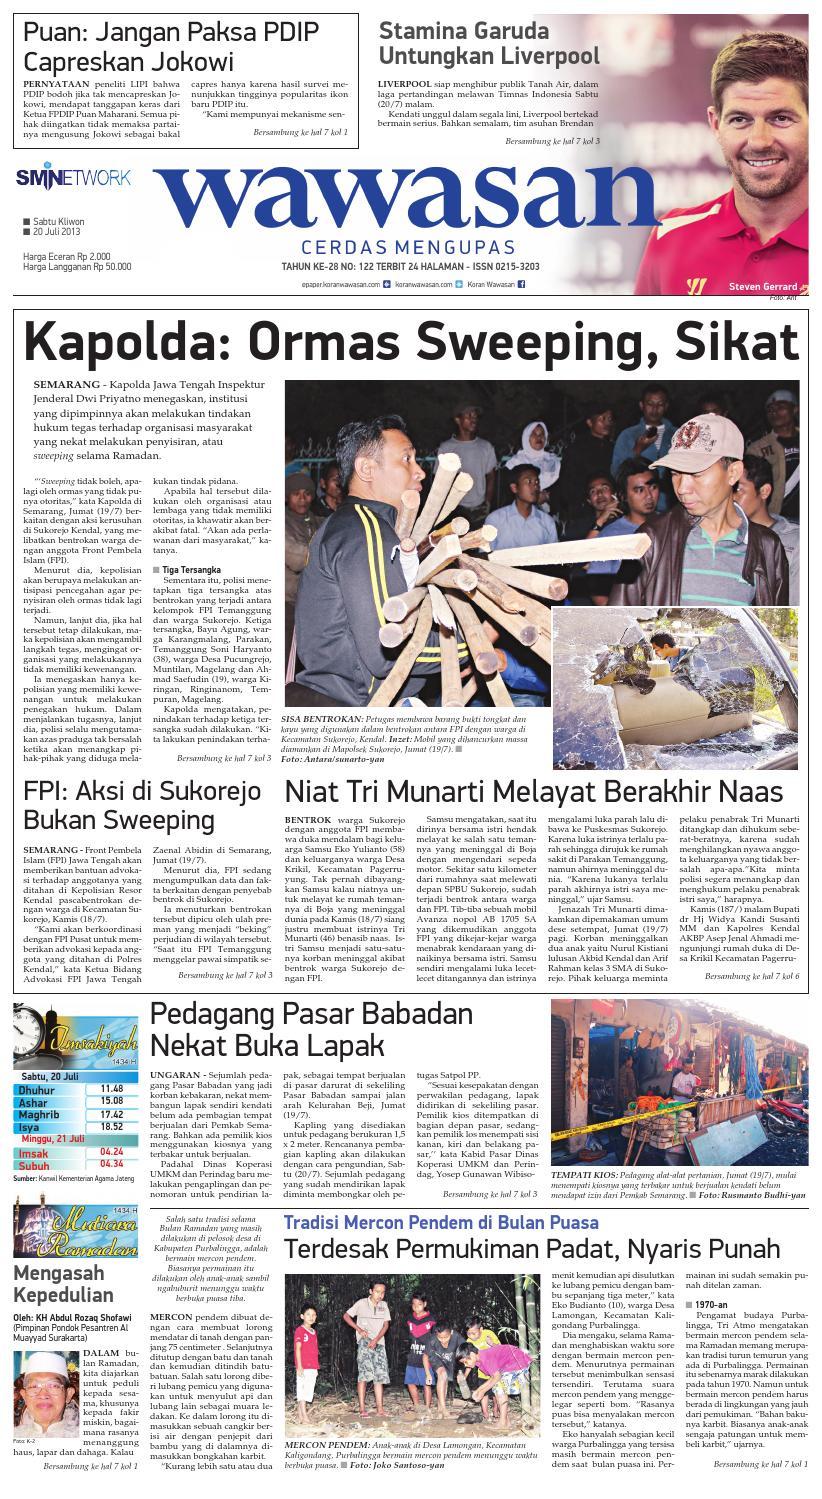 Wawasan 07 Agustus 2013 By Koran Pagi Issuu Produk Ukm Bumn Boetik Art Khimar Tumpuk Tiga 20 Juli